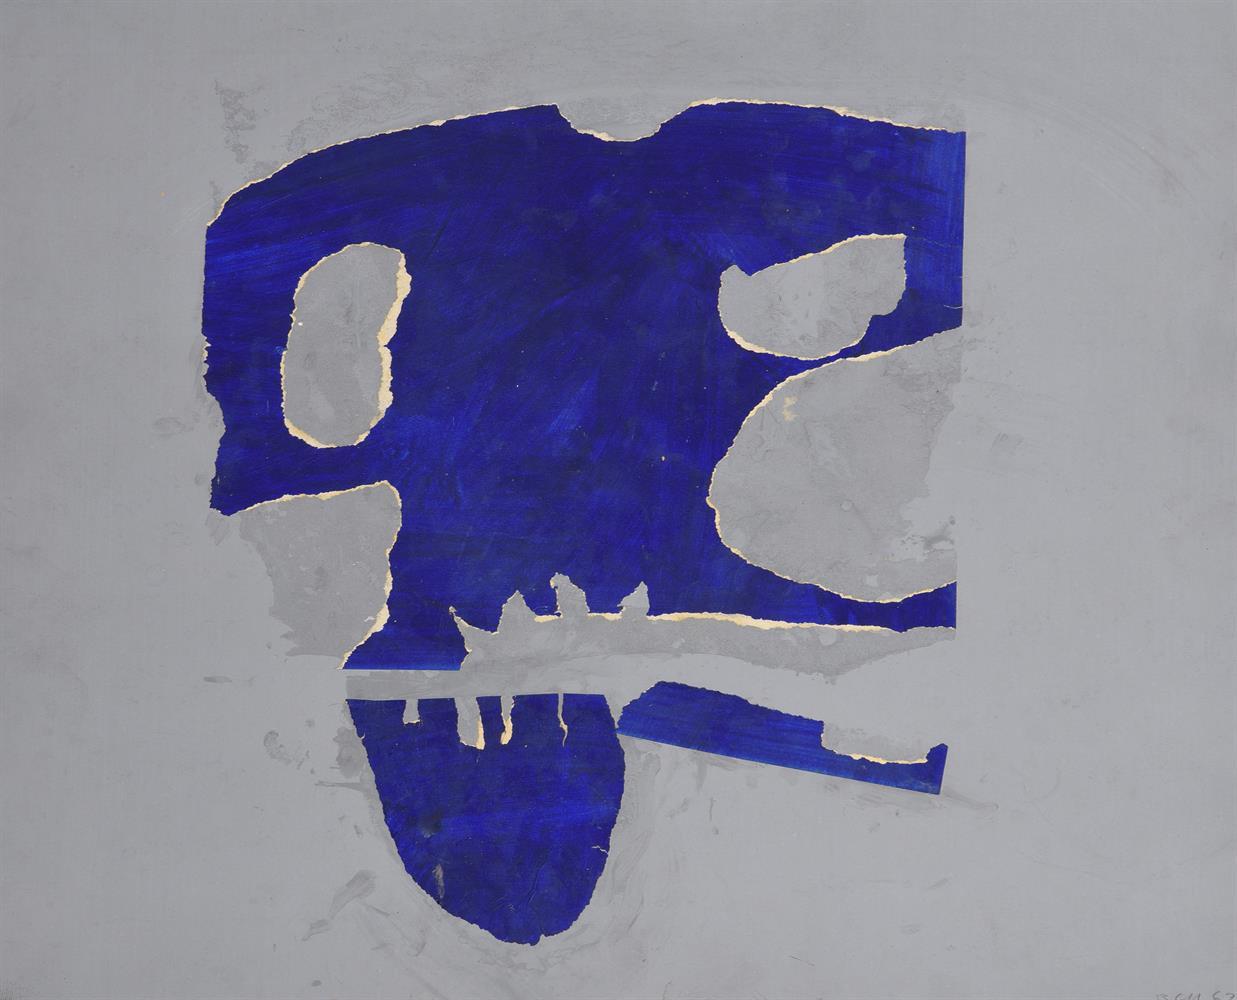 Trevor Bell (British 1920-2017), Blue skull form